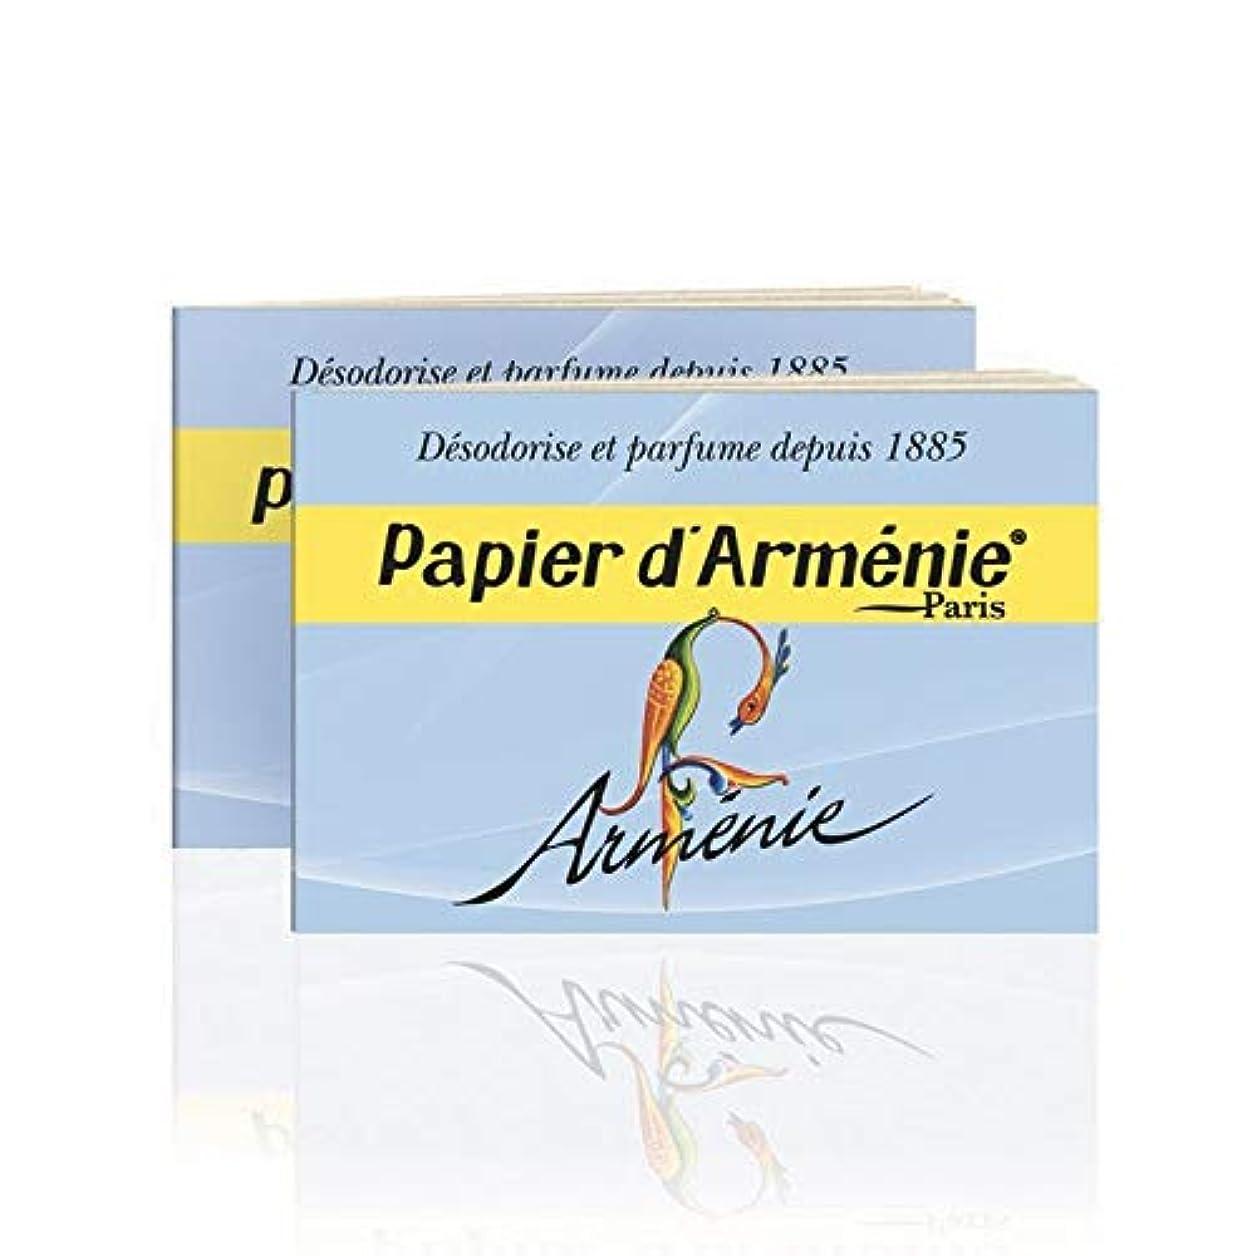 ジャンプ麻痺させる役割Papier d'Arménie パピエダルメニイ アルメニイ 紙のお香 フランス直送 2個